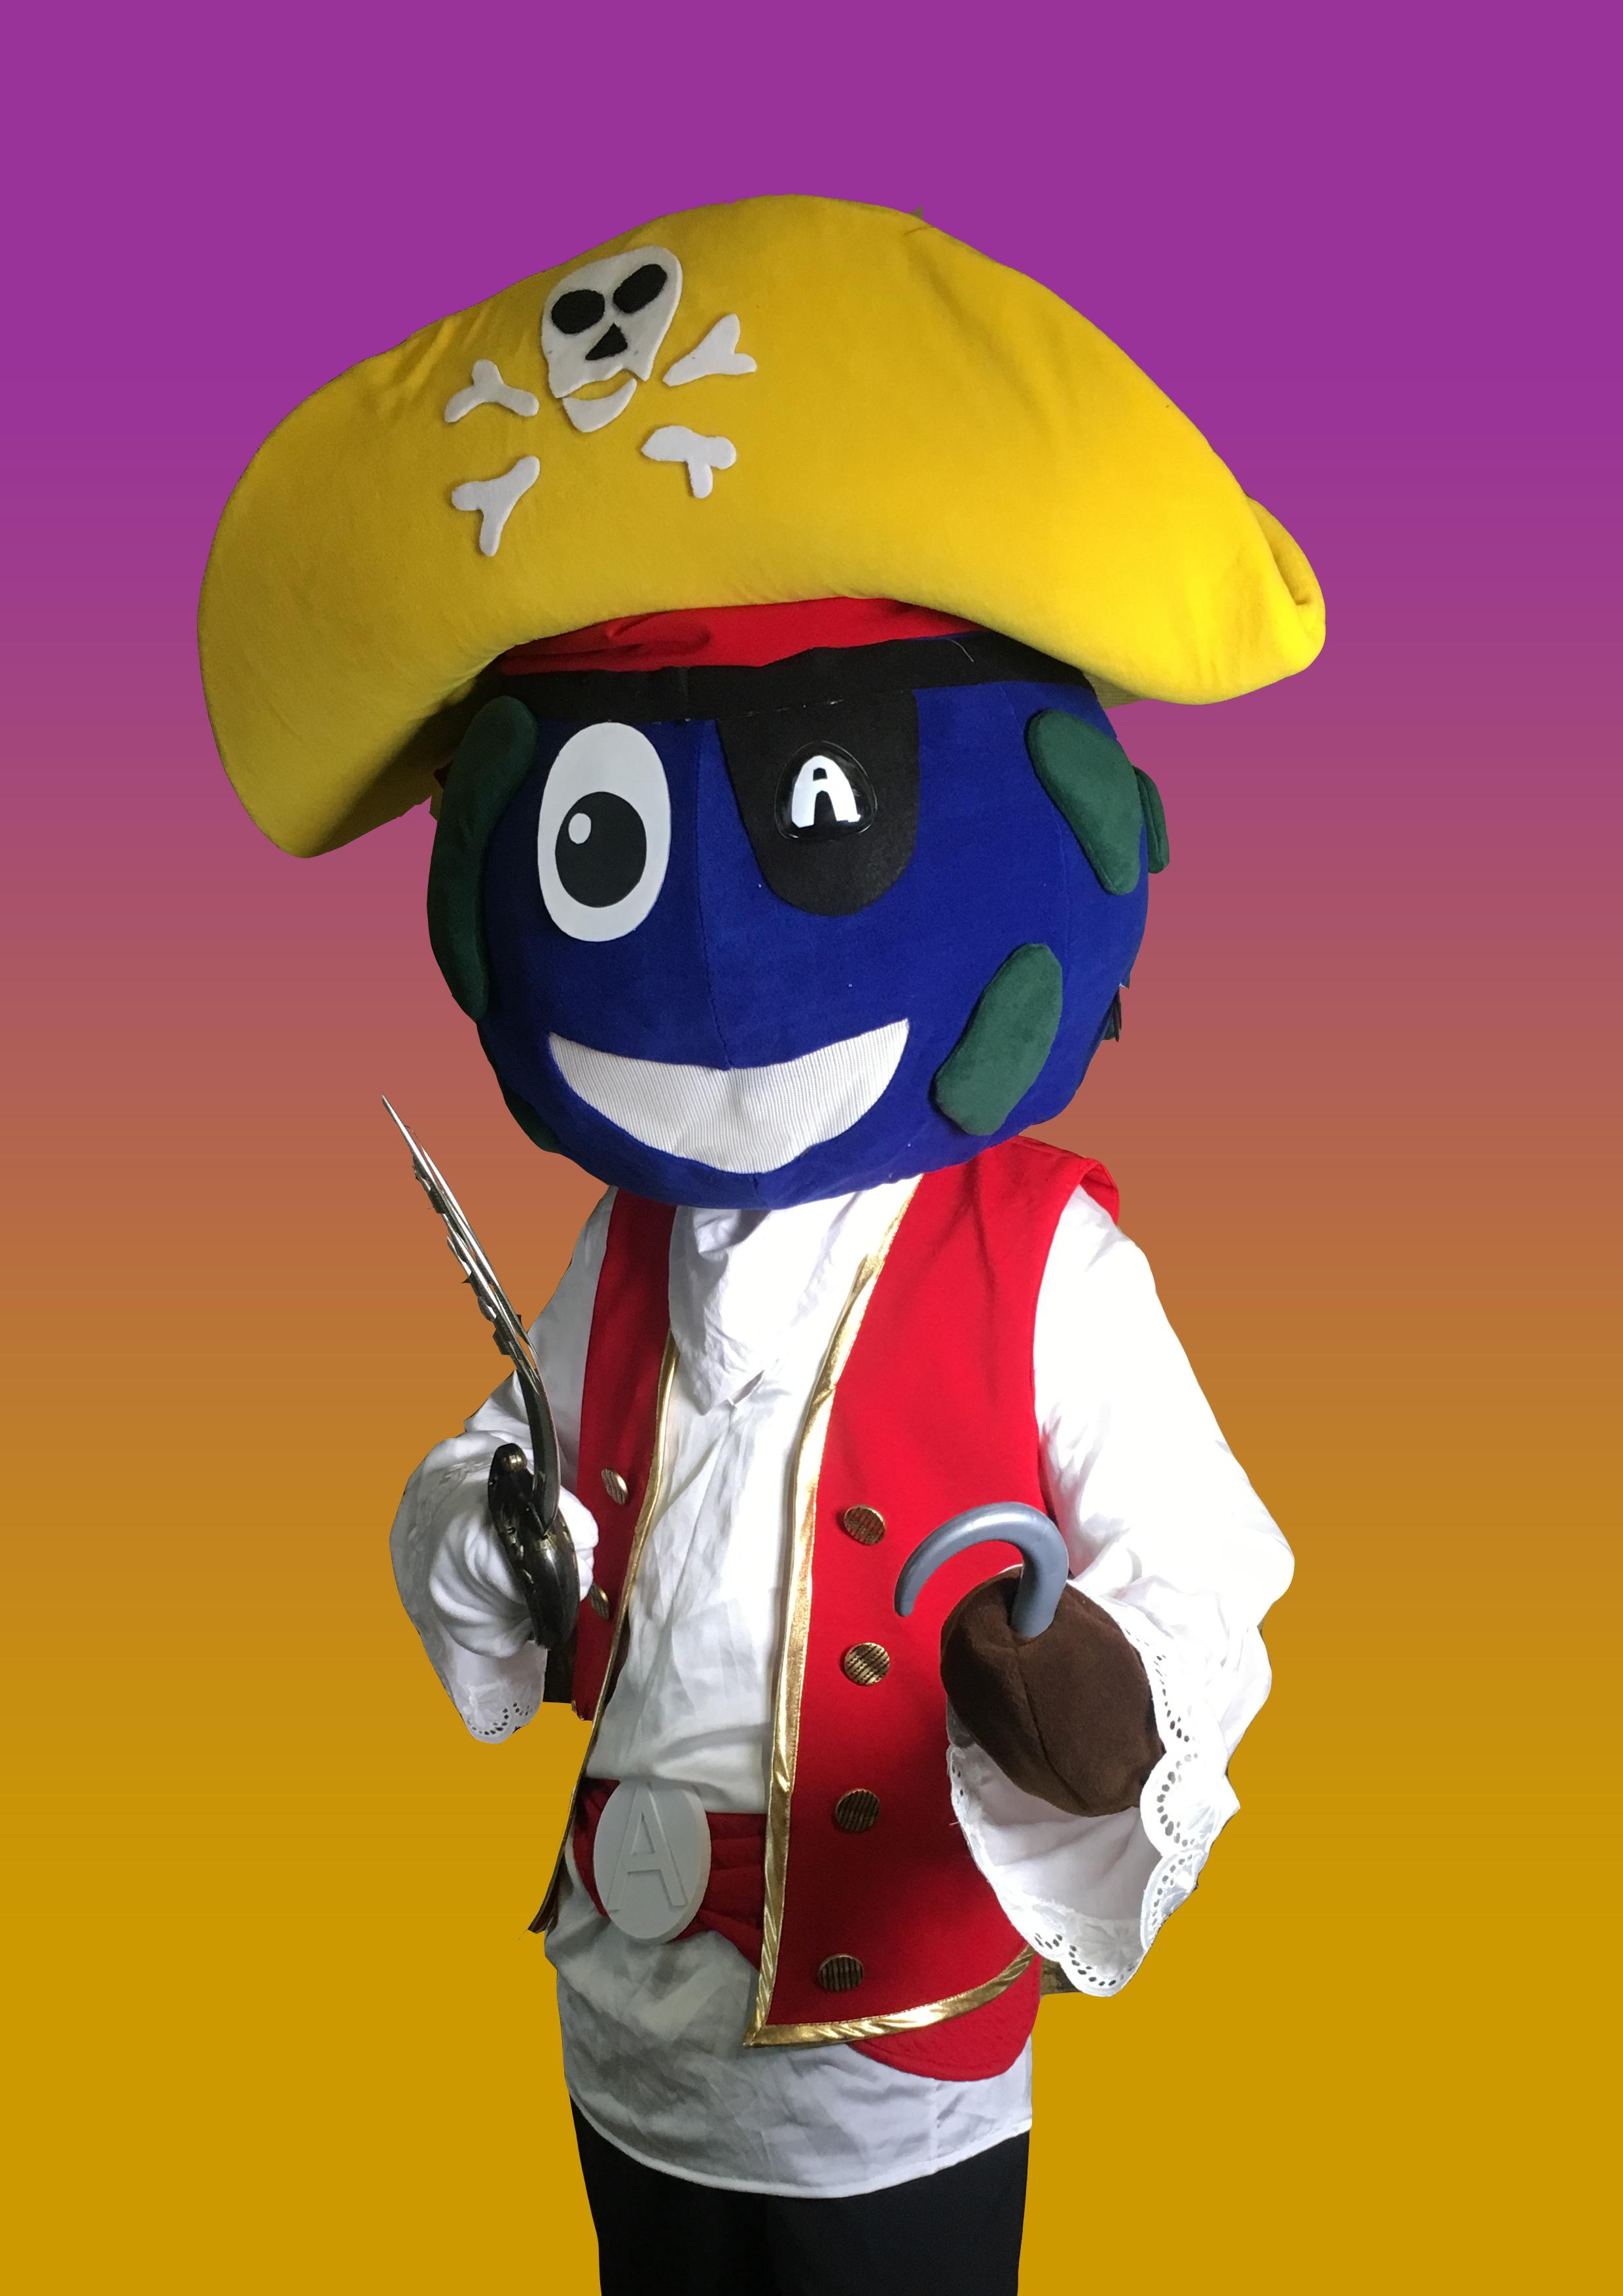 Kaptein Abloom (pirat) er Ablooms andre, nye personlighet som blir å se på festivaler fremover.